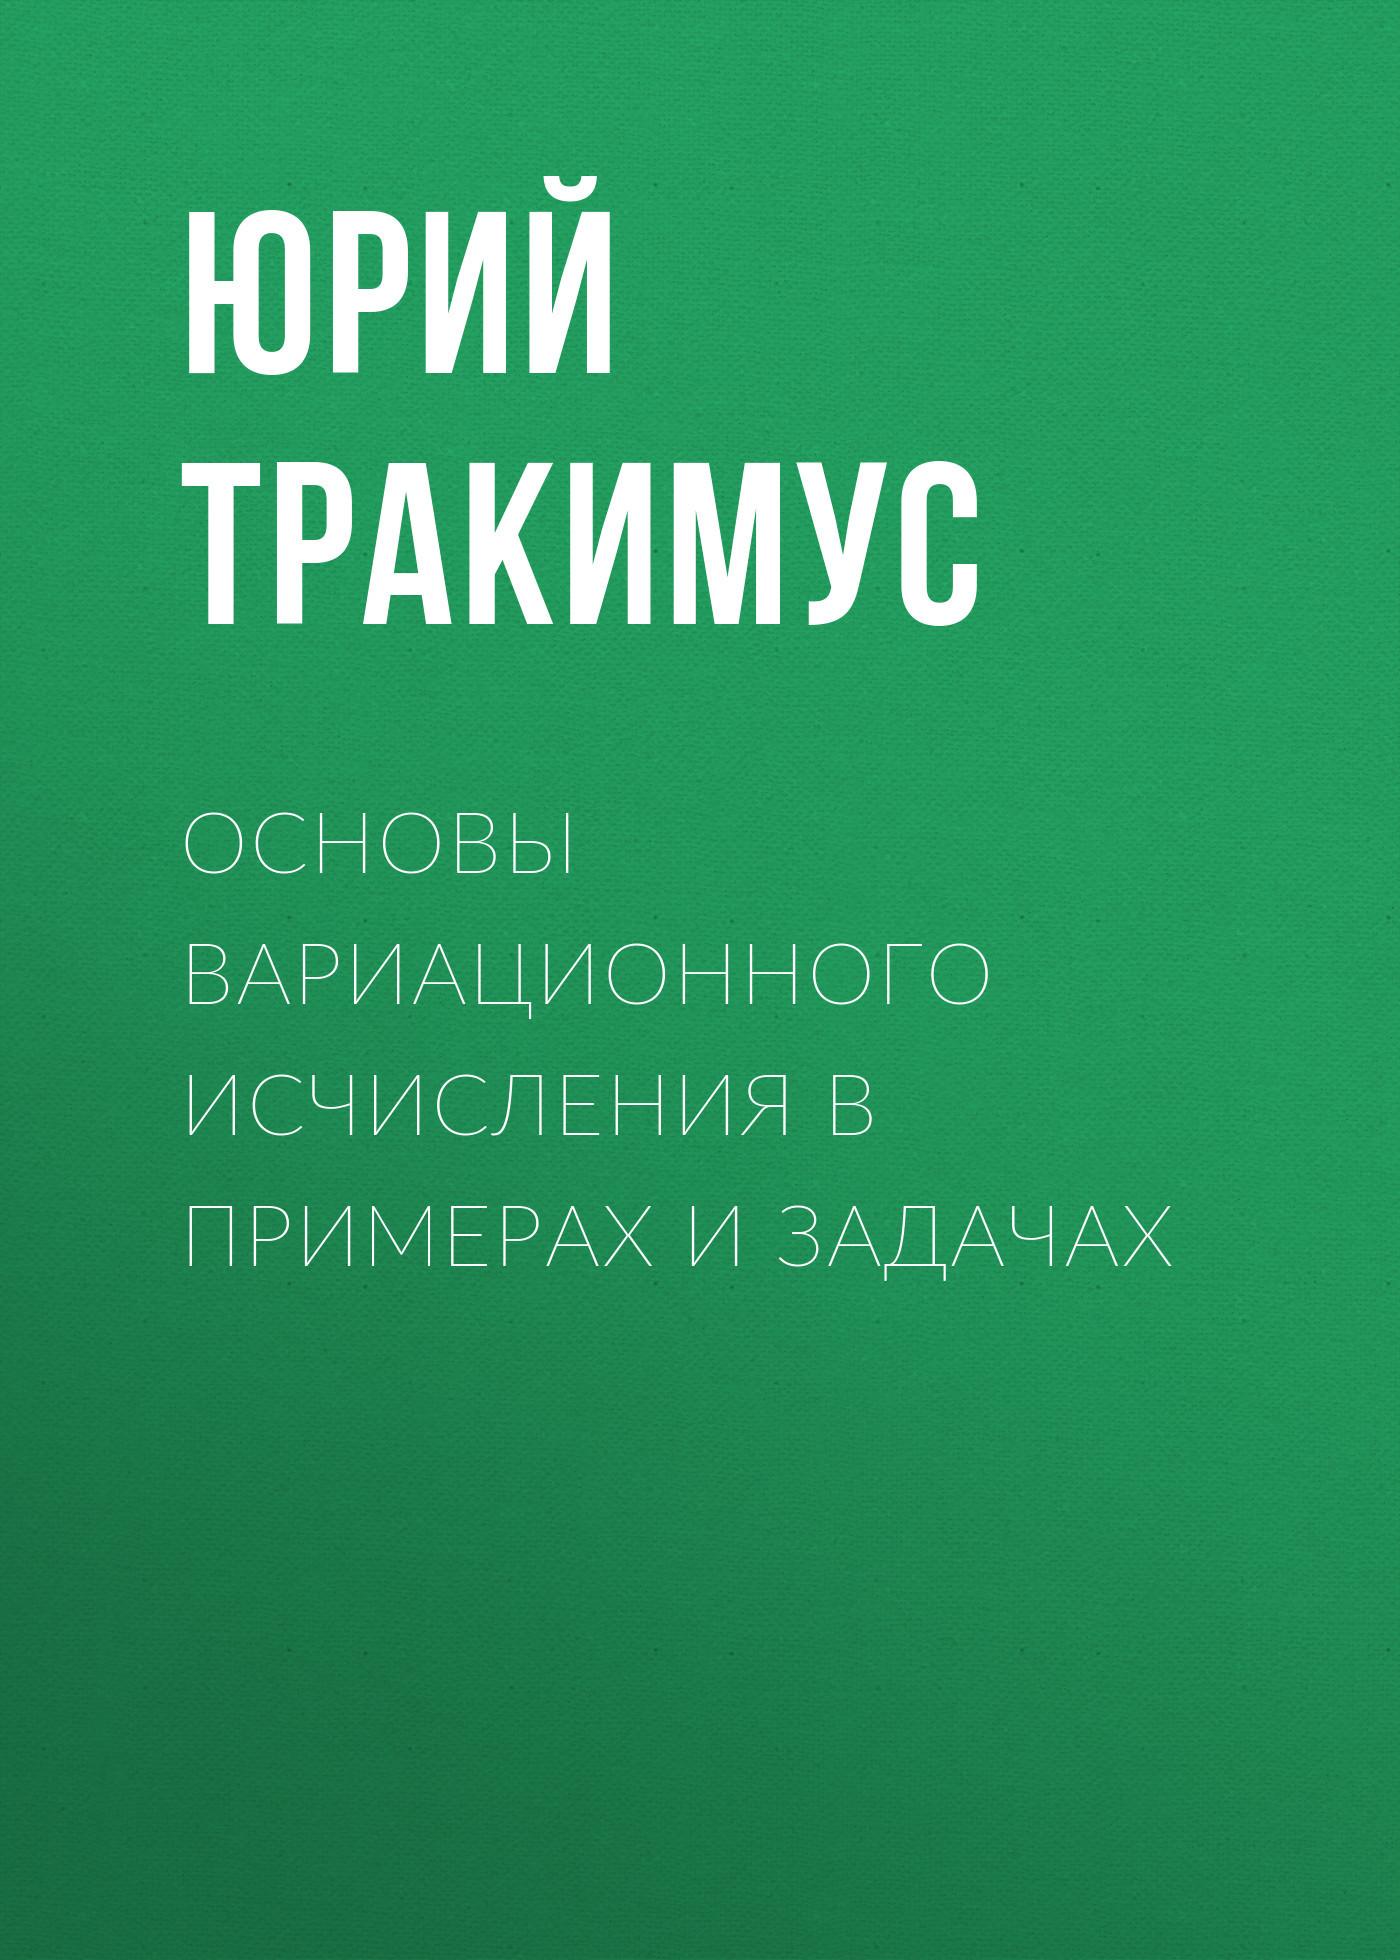 Юрий Тракимус Основы вариационного исчисления в примерах и задачах коллектив авторов основы теории упругости в примерах задачах и тестах